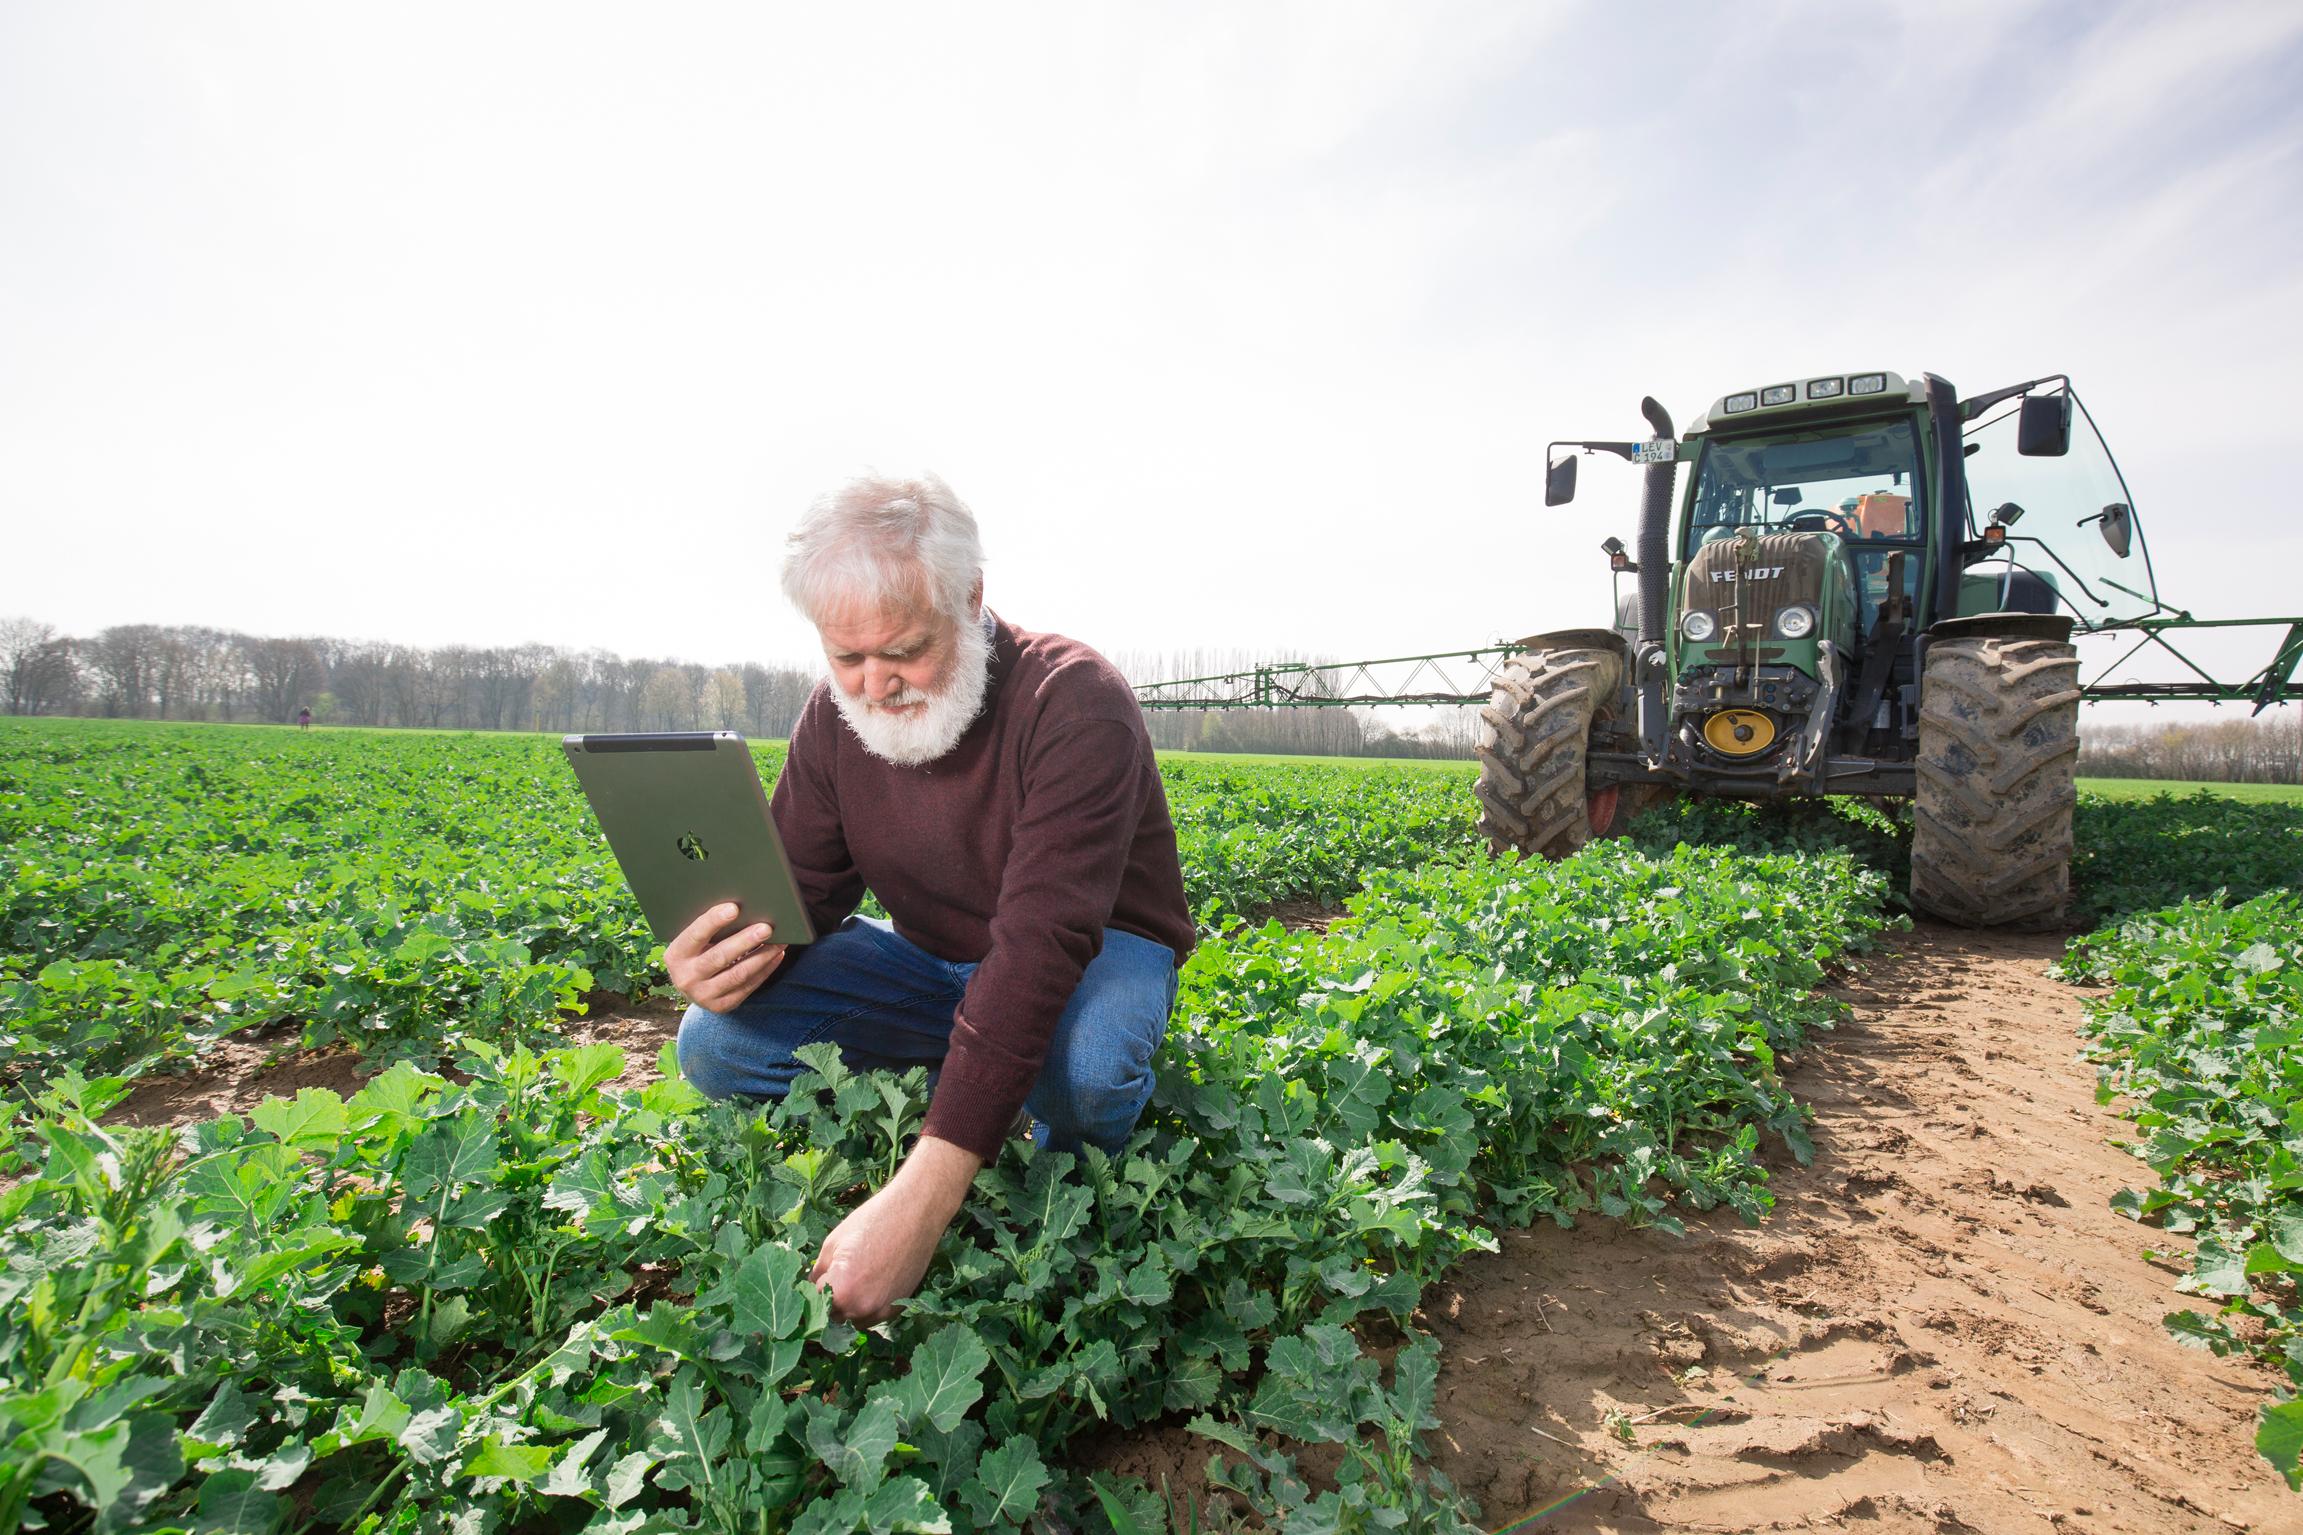 Bayer: Mehr Daten für effiziente Abläufe. Landwirt Rolf Schmidt kontrolliert Rapspflanzen auf dem Laacher Hof in Monheim.